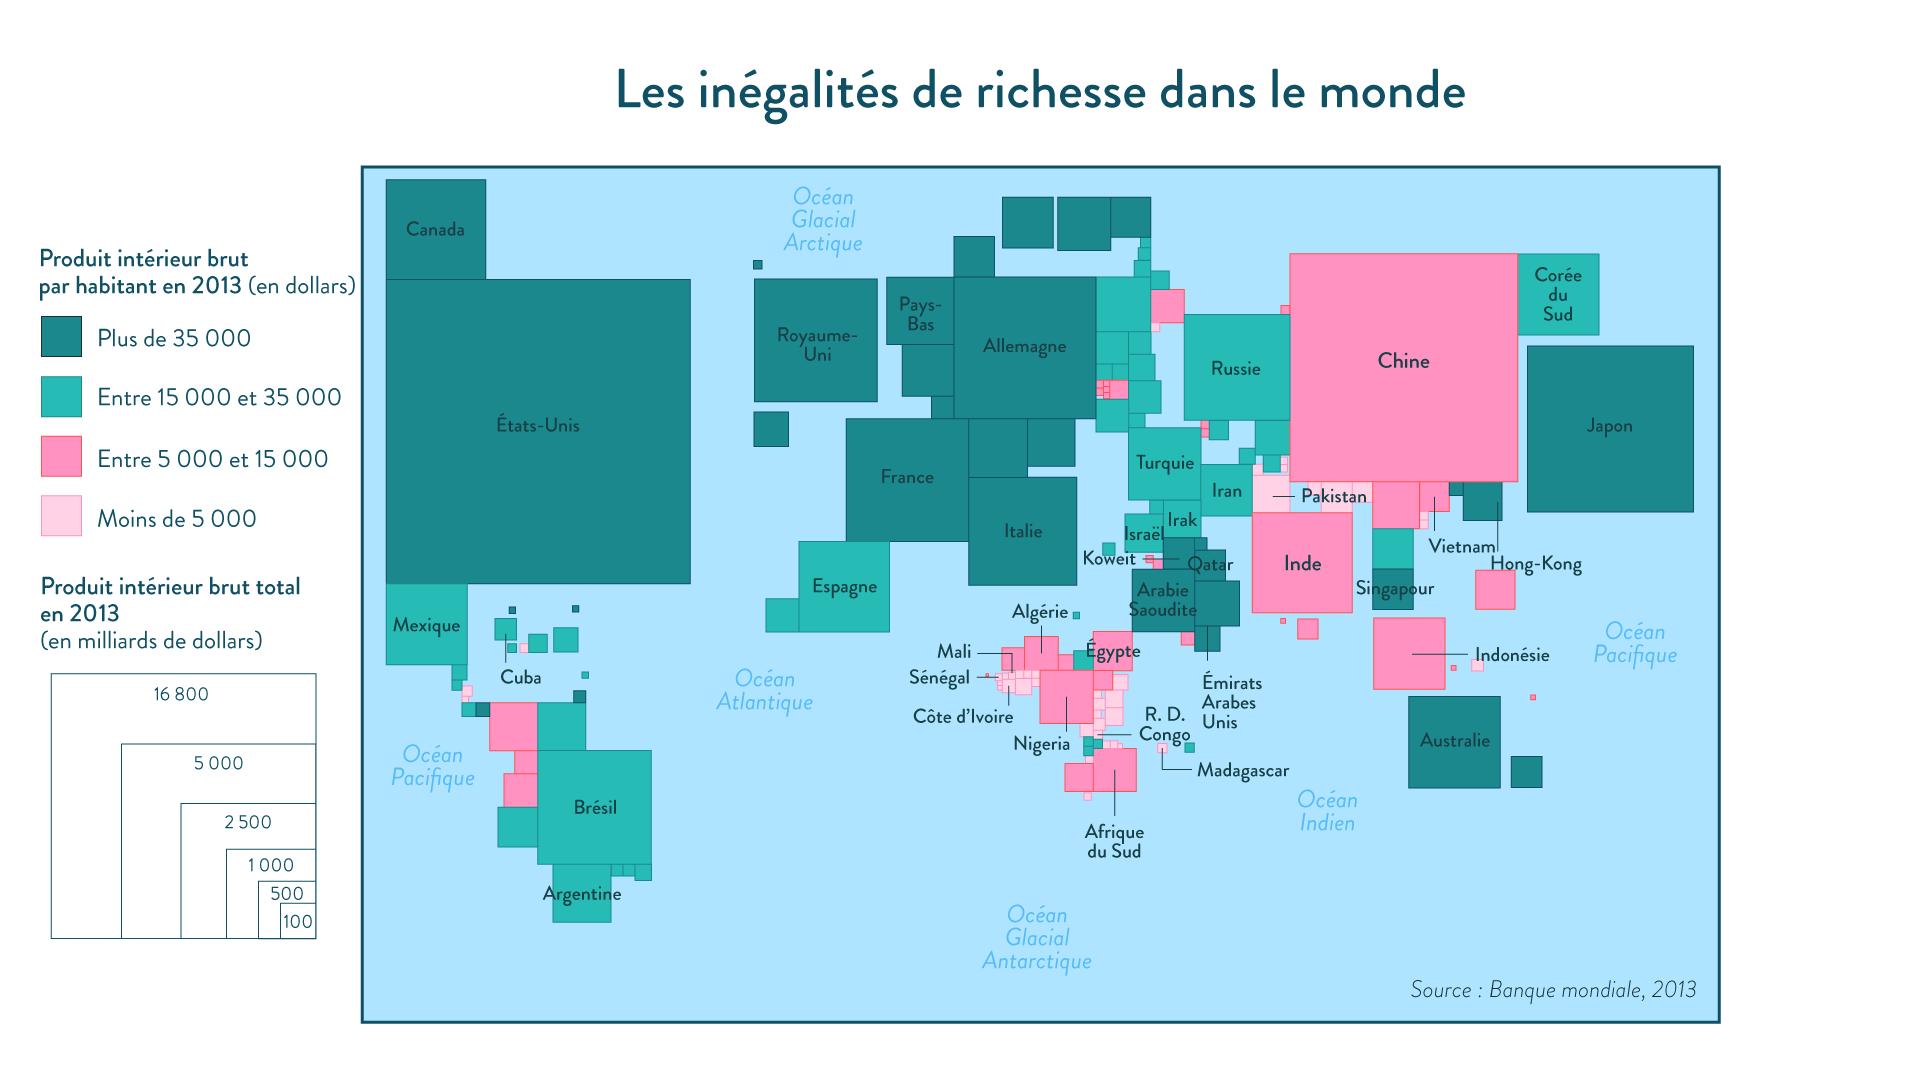 Les inégalités de richesse dans le monde. Source: Banque mondiale, 2013 géographie cinquième